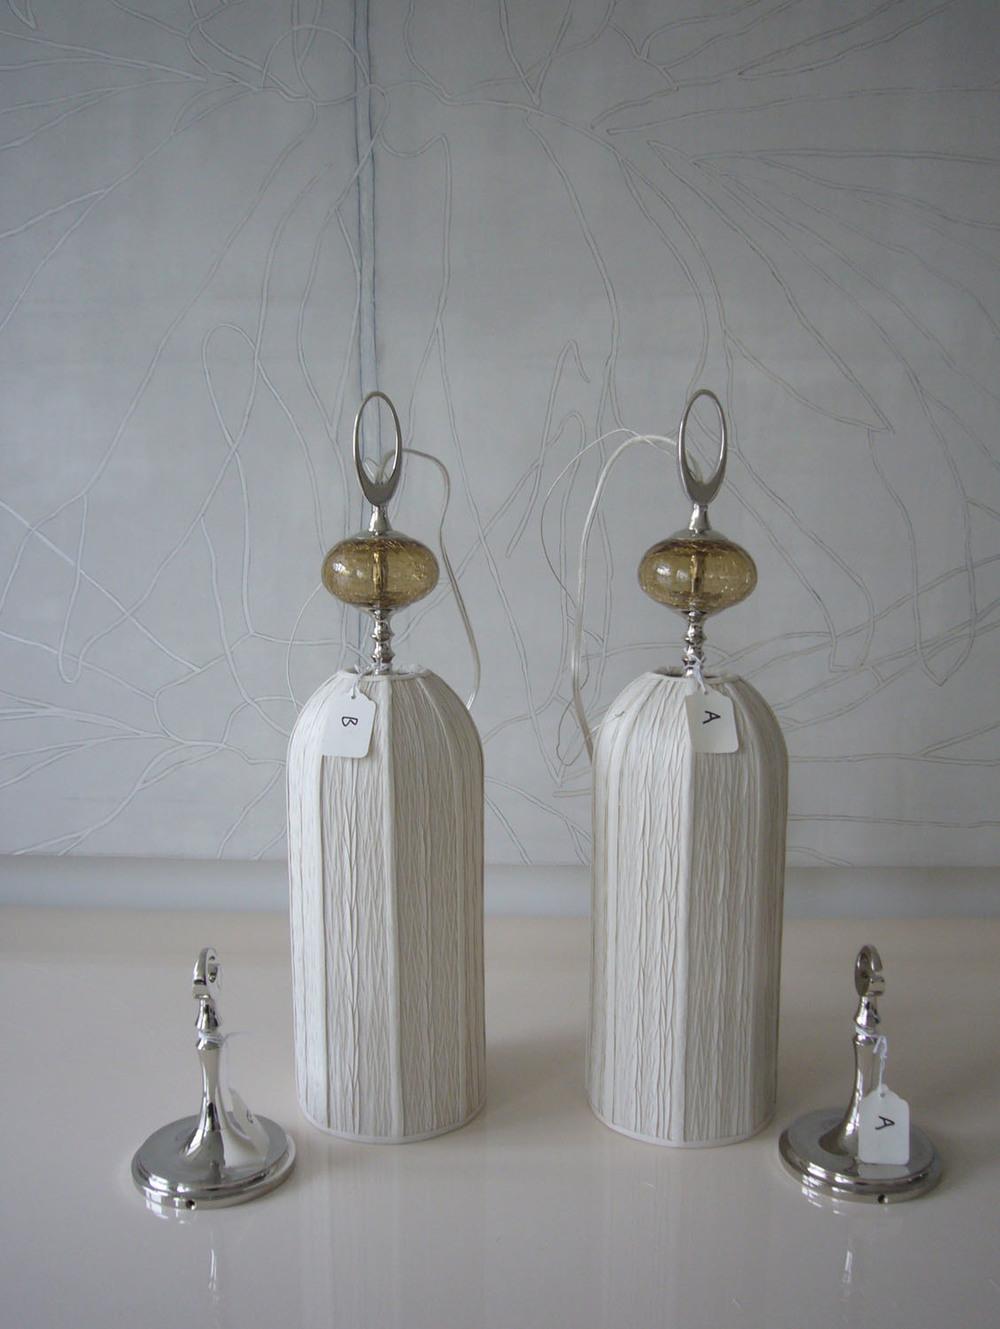 wall.lantern.duo.2.jpg